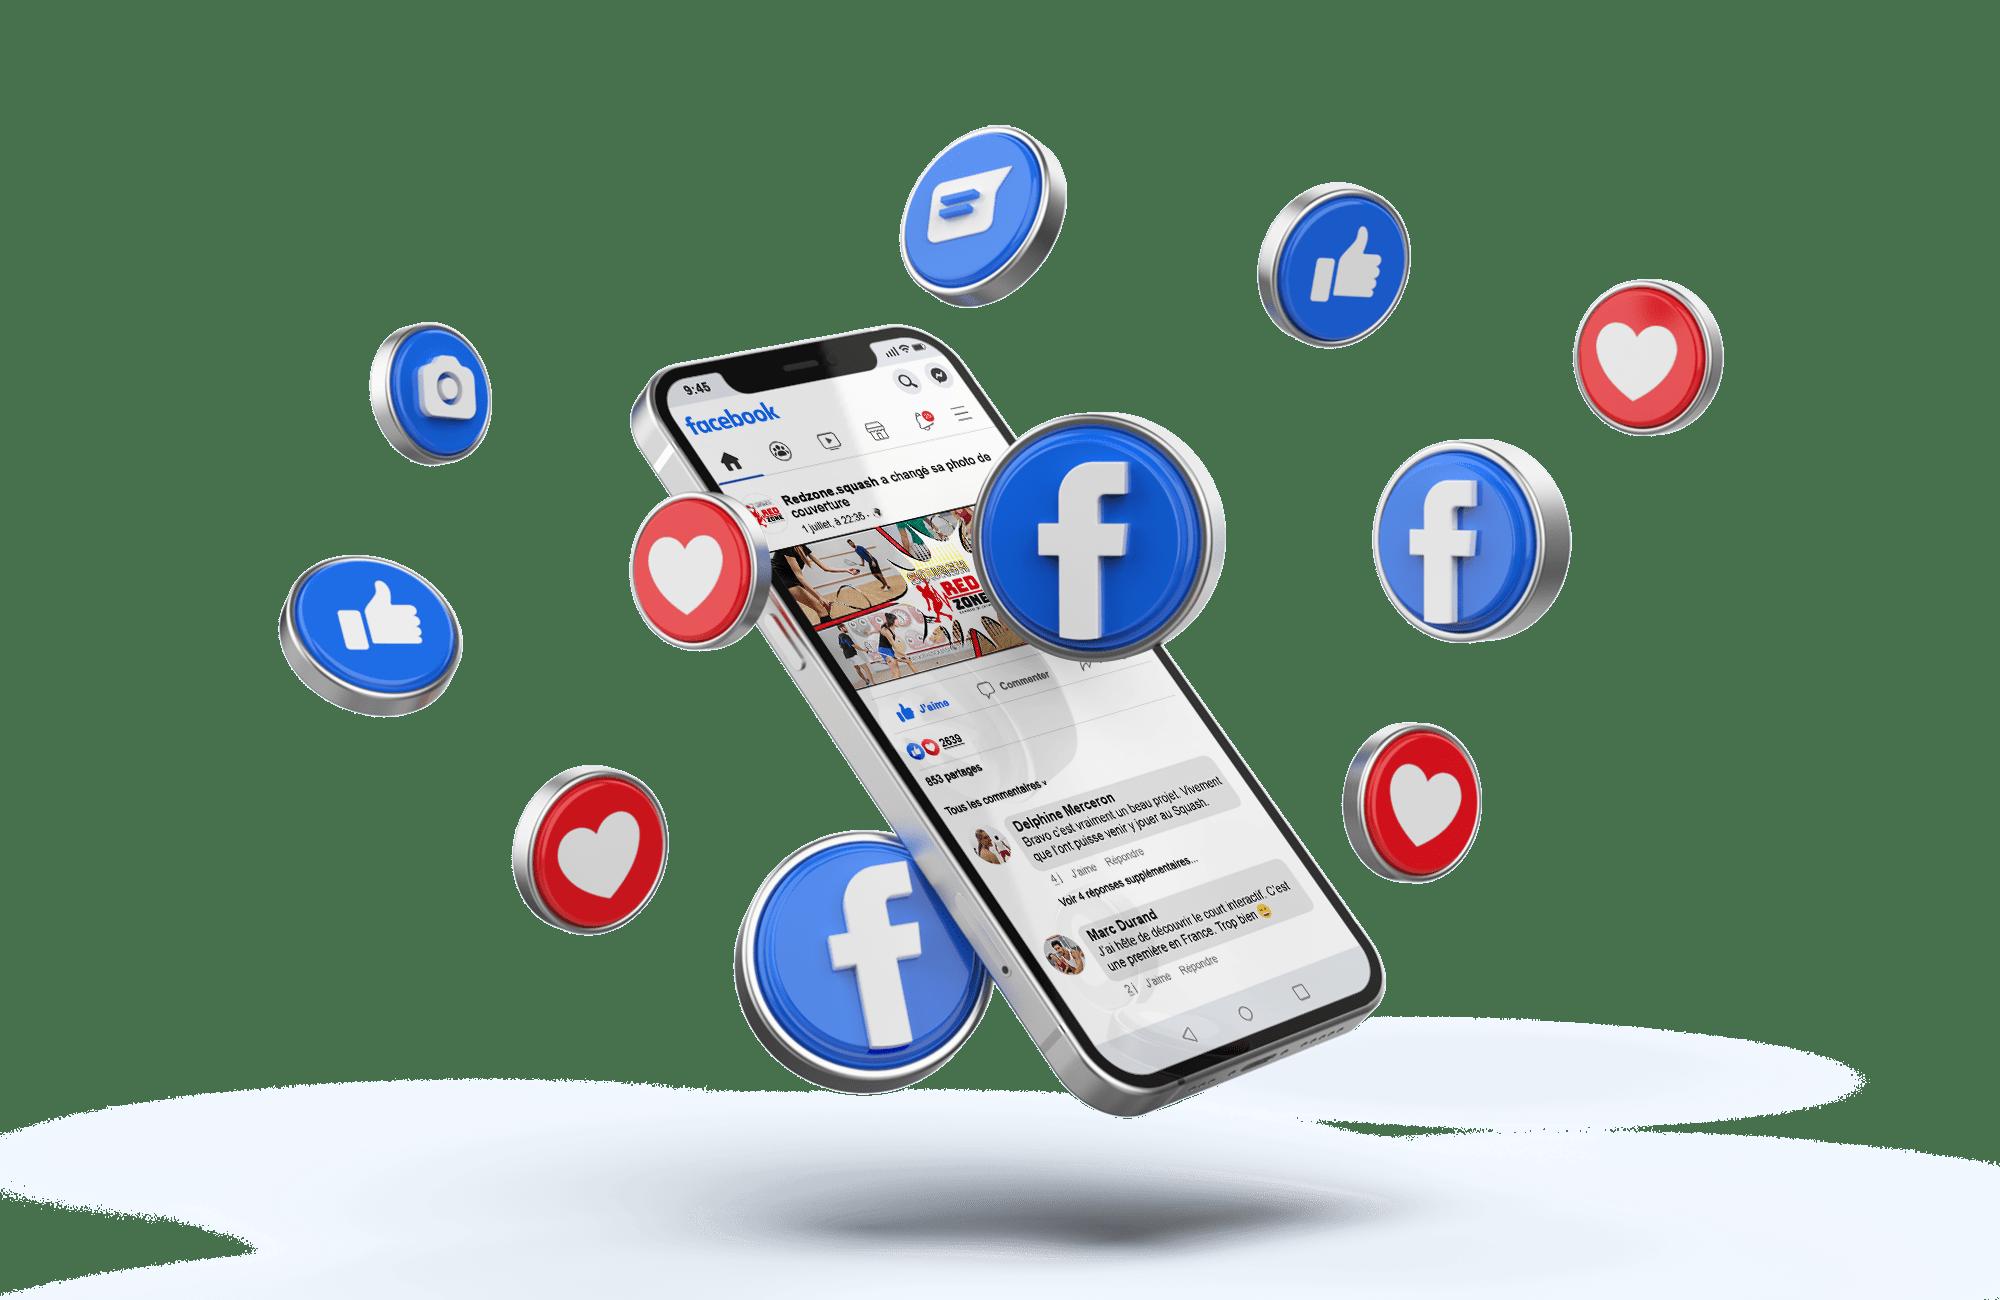 ligue-squash-pdl-facebook-redzone-squash